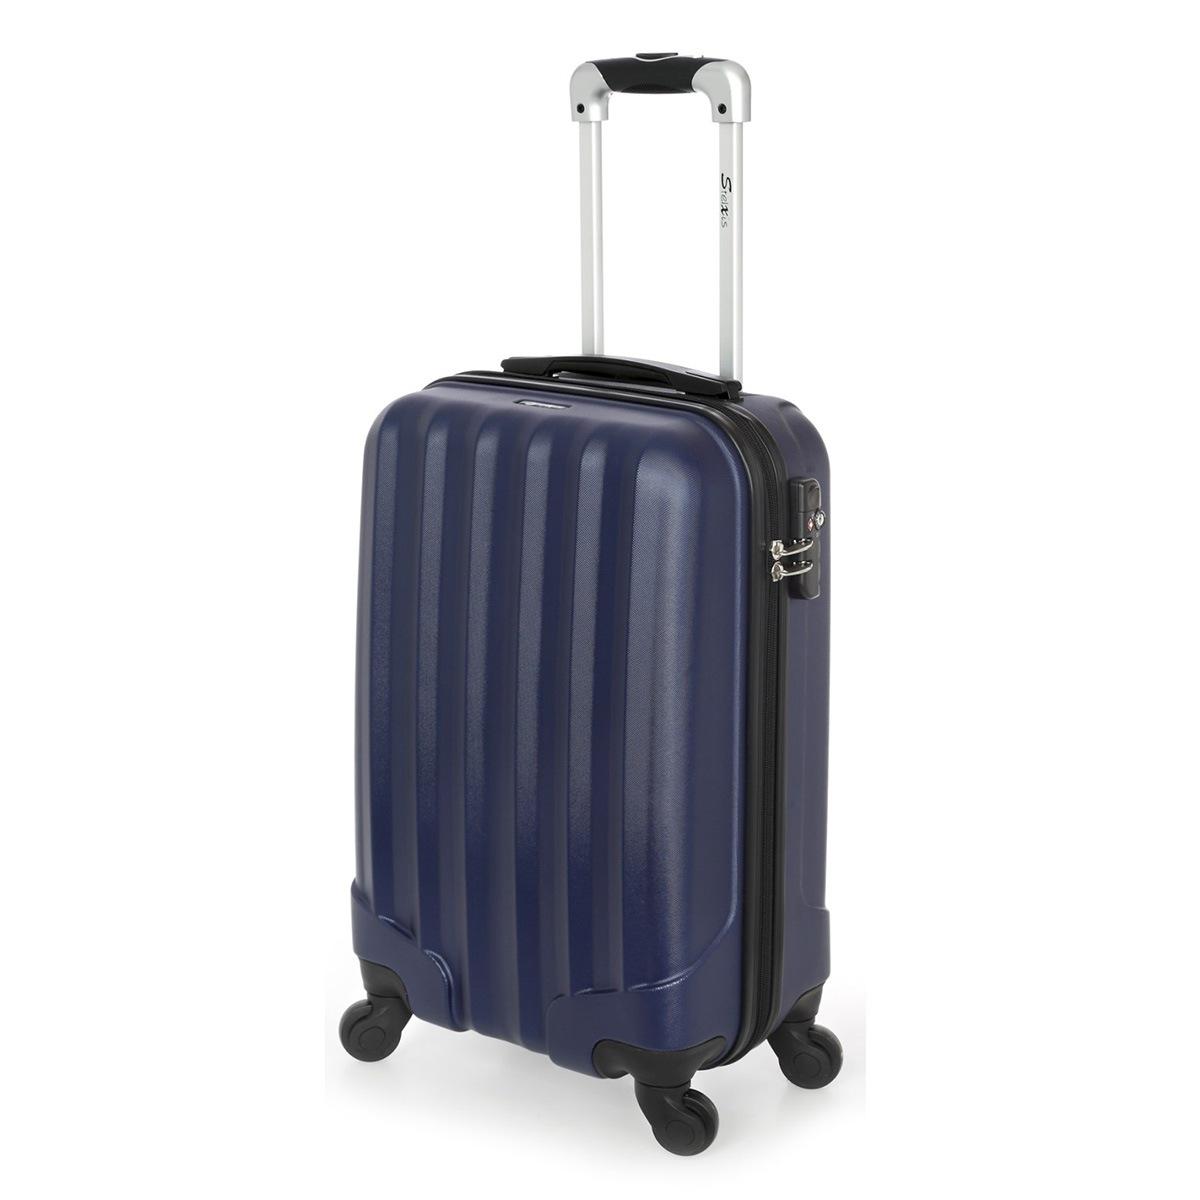 Βαλίτσα Καμπίνας Stelxis ST505 Σκληρή Μπλε